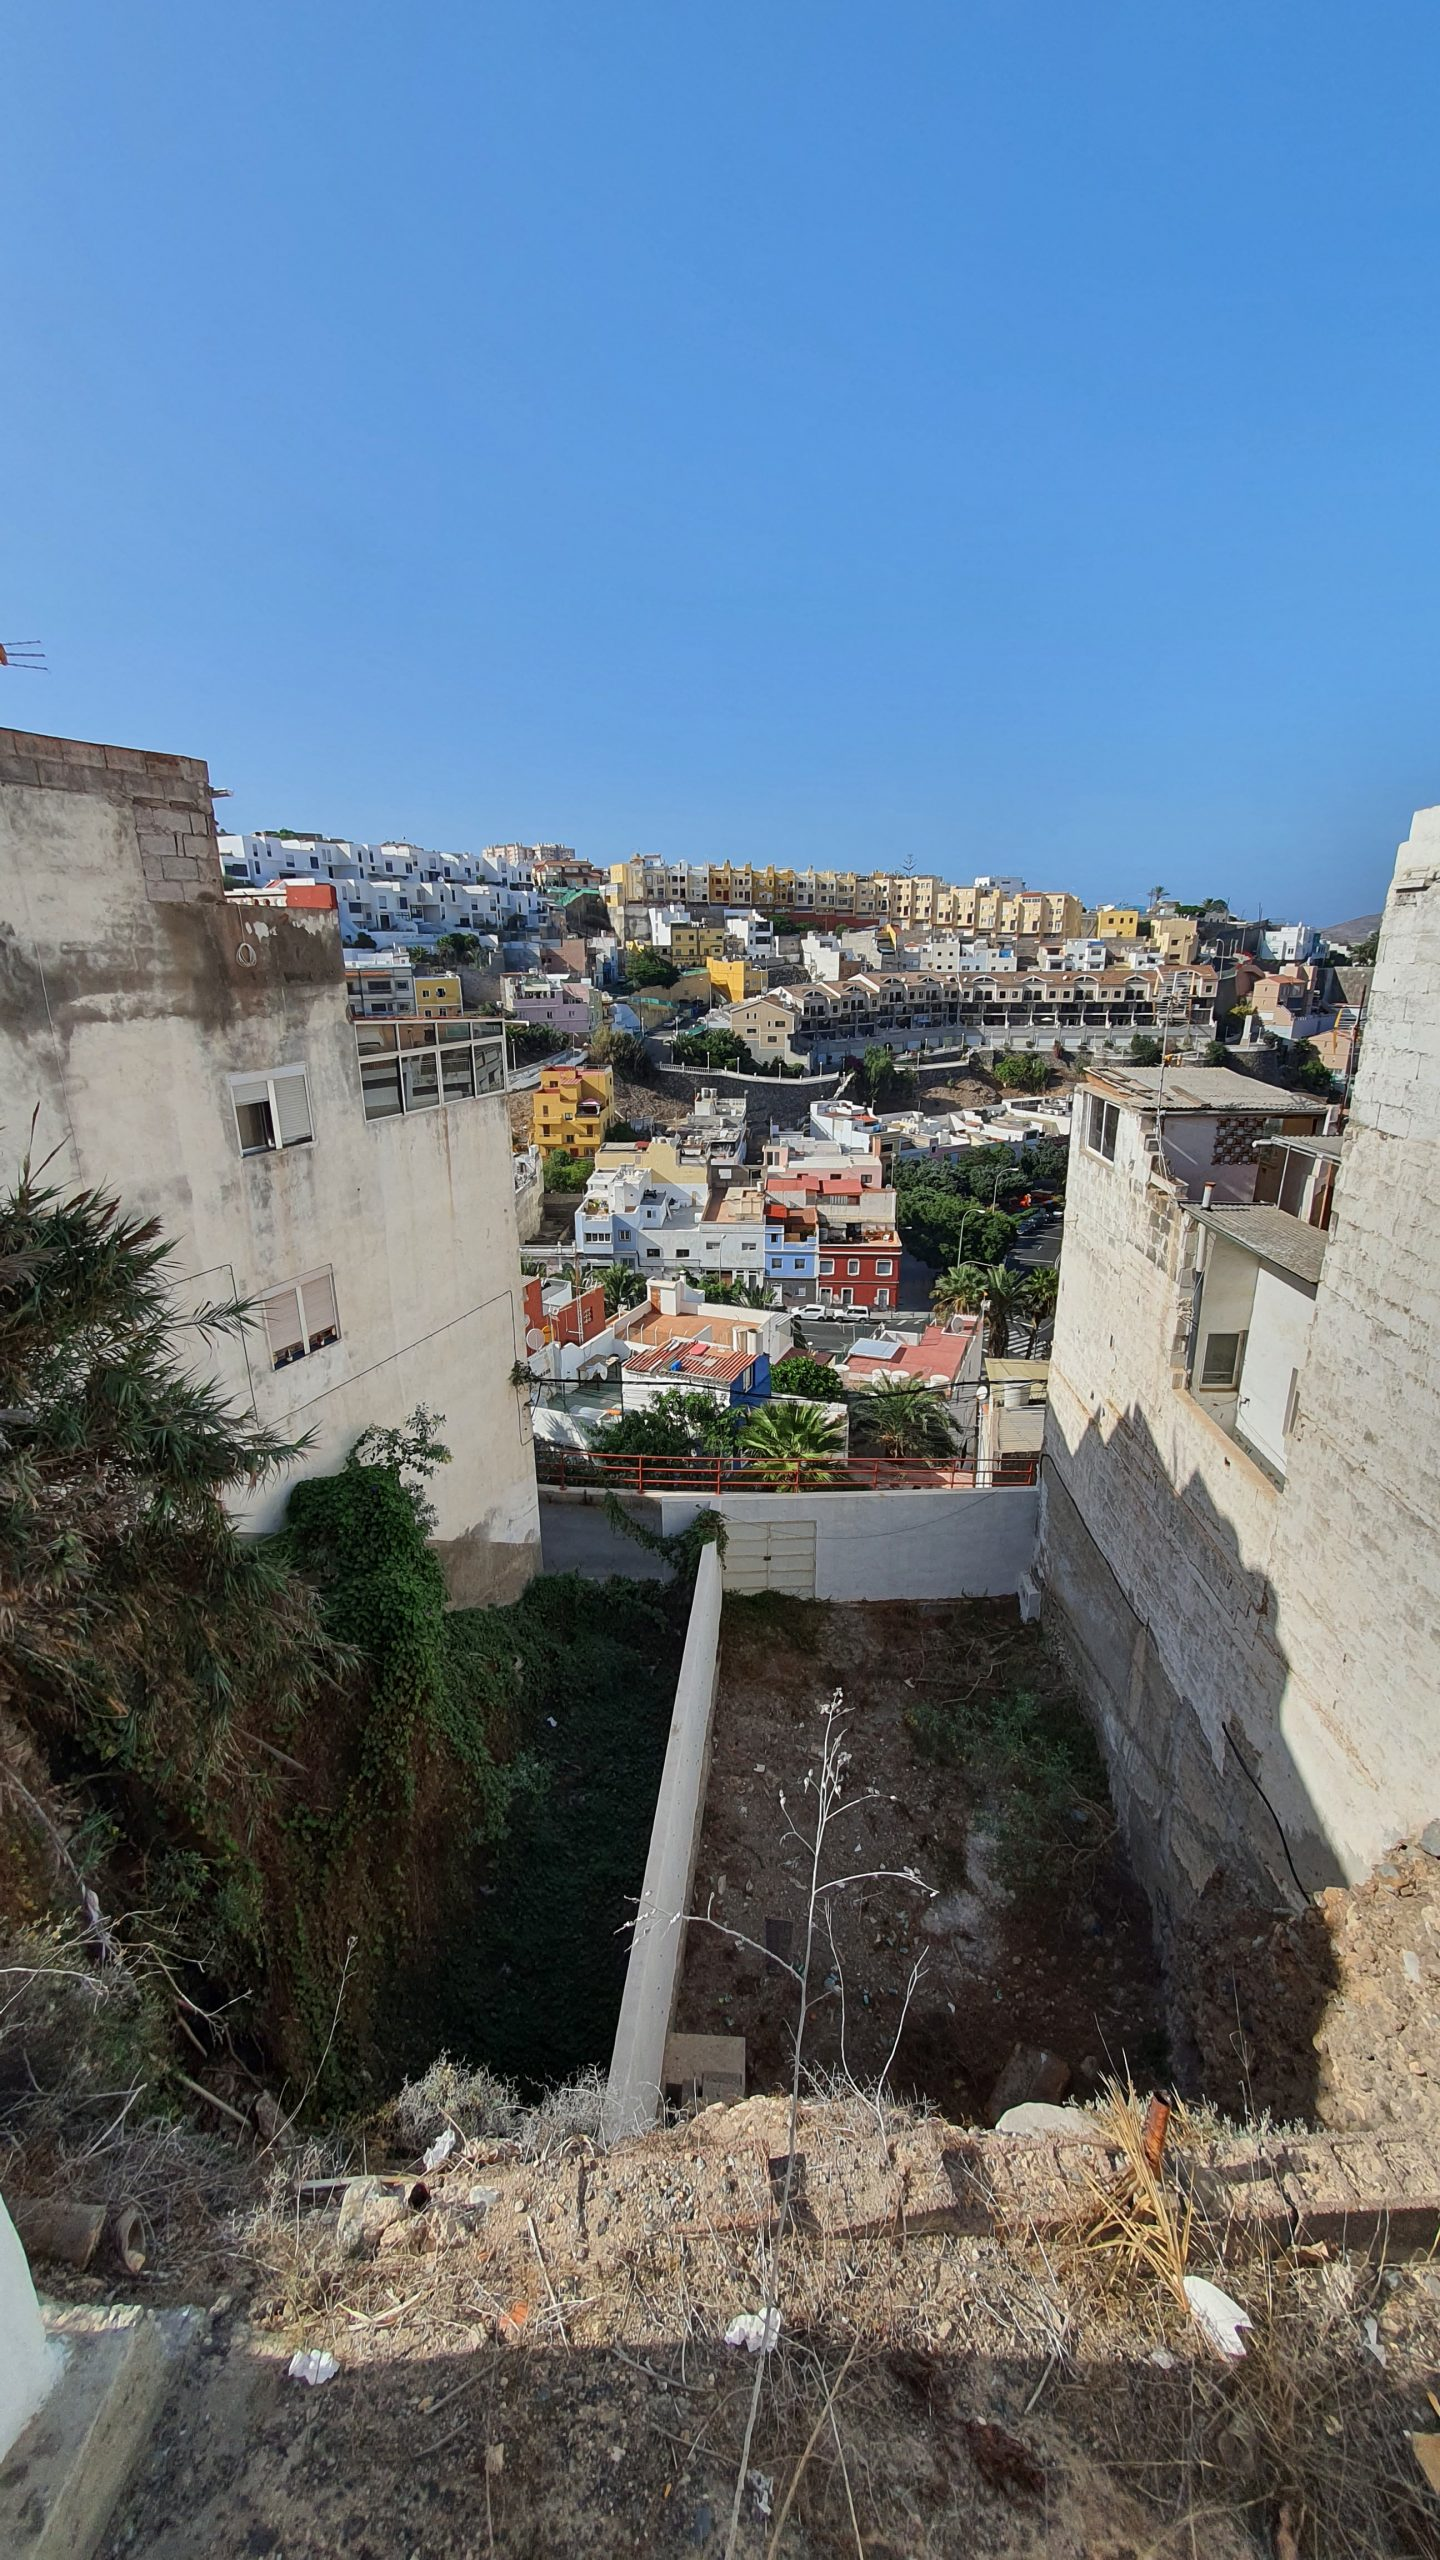 Terreno en venta en calle Maestro Rodo, 31, Las Palmas de Gran Canaria